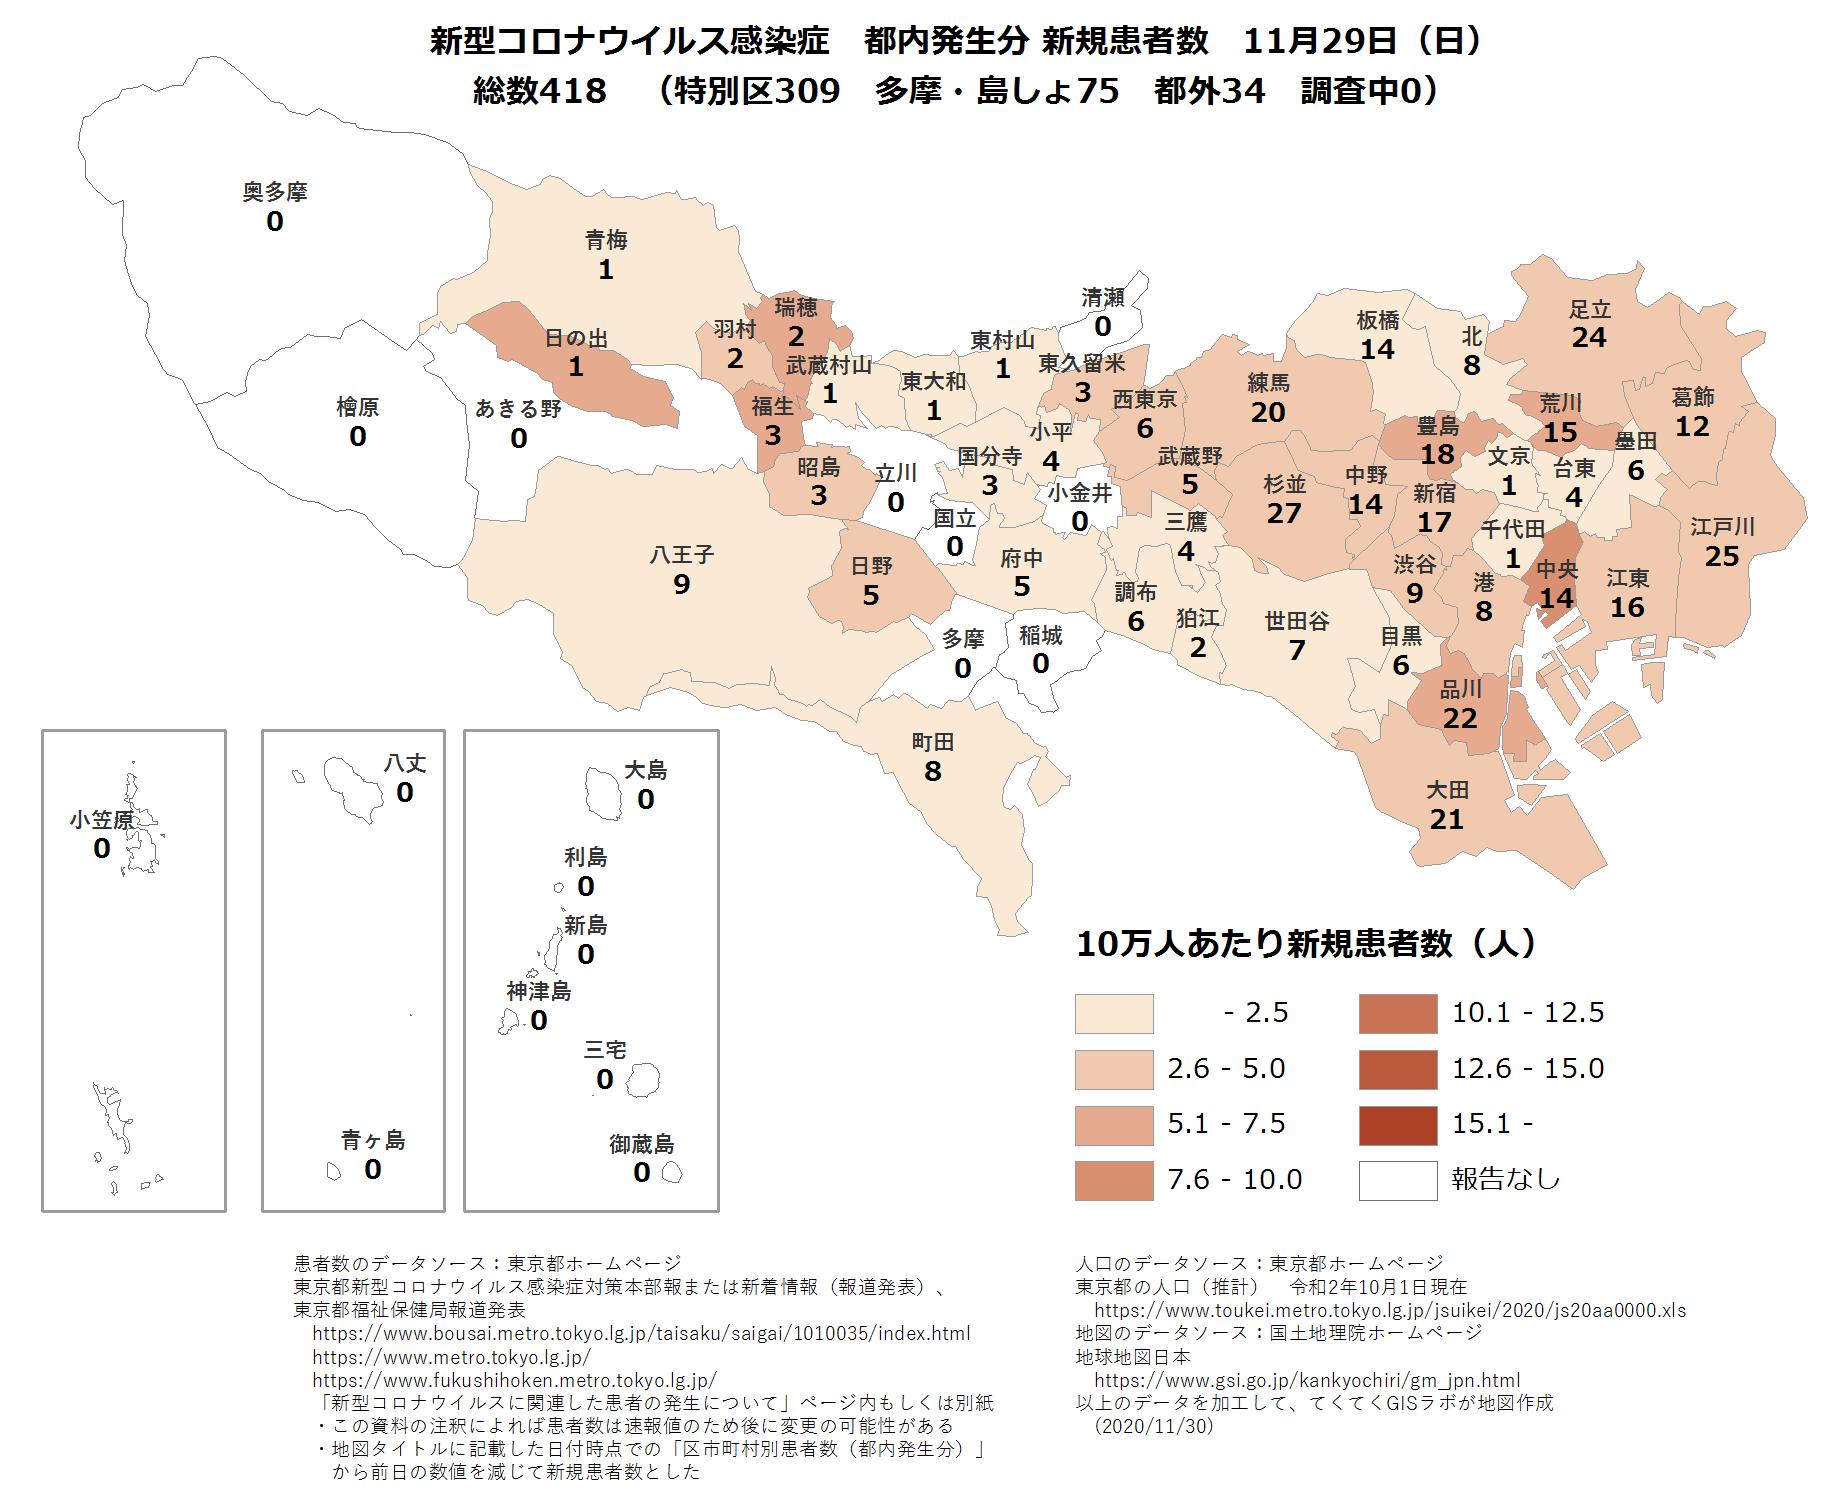 市区町村ごと新規患者数11月29日東京